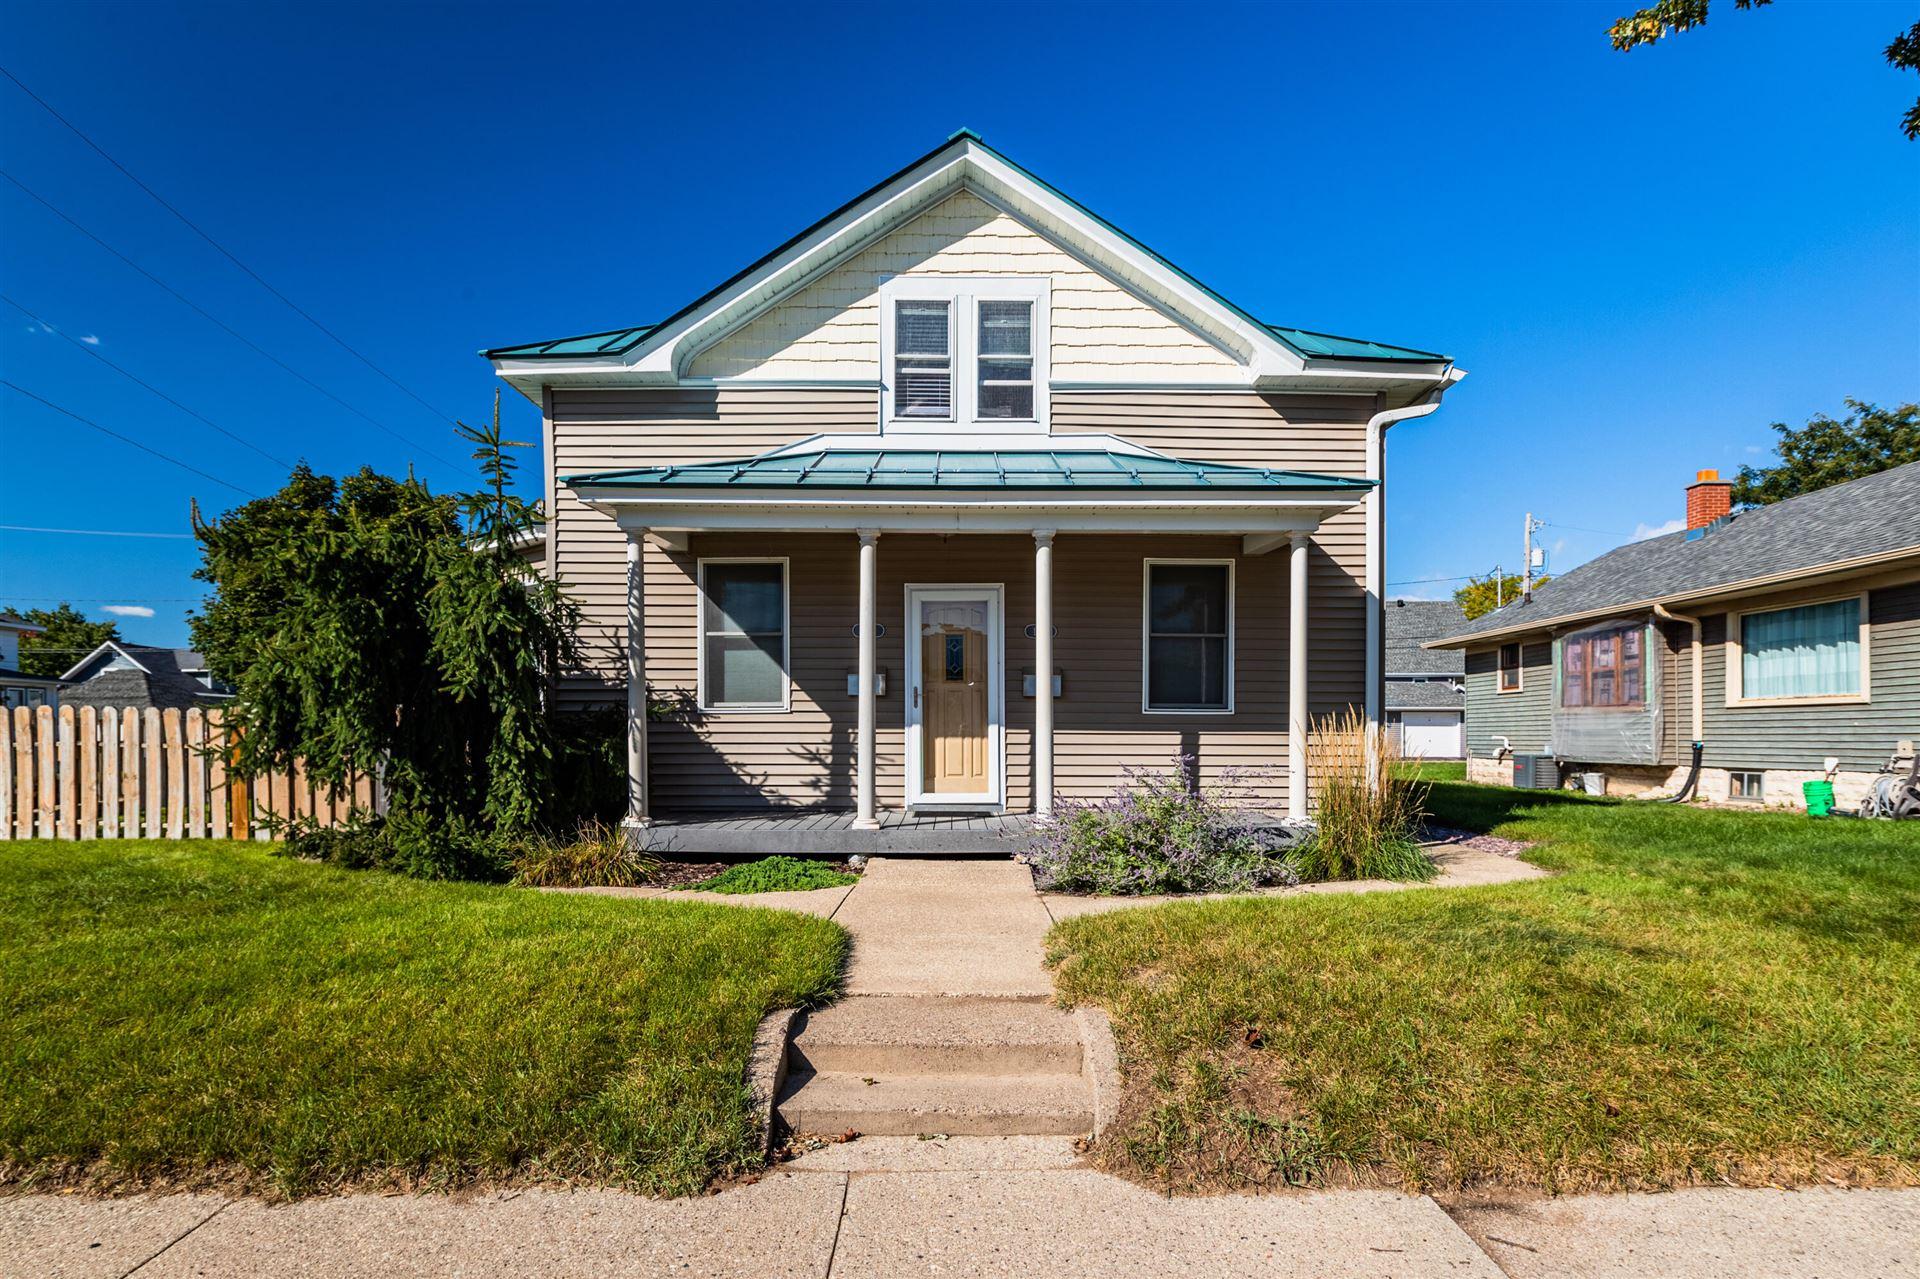 1405 Green Bay St #1407, La Crosse, WI 54601 - MLS#: 1767822